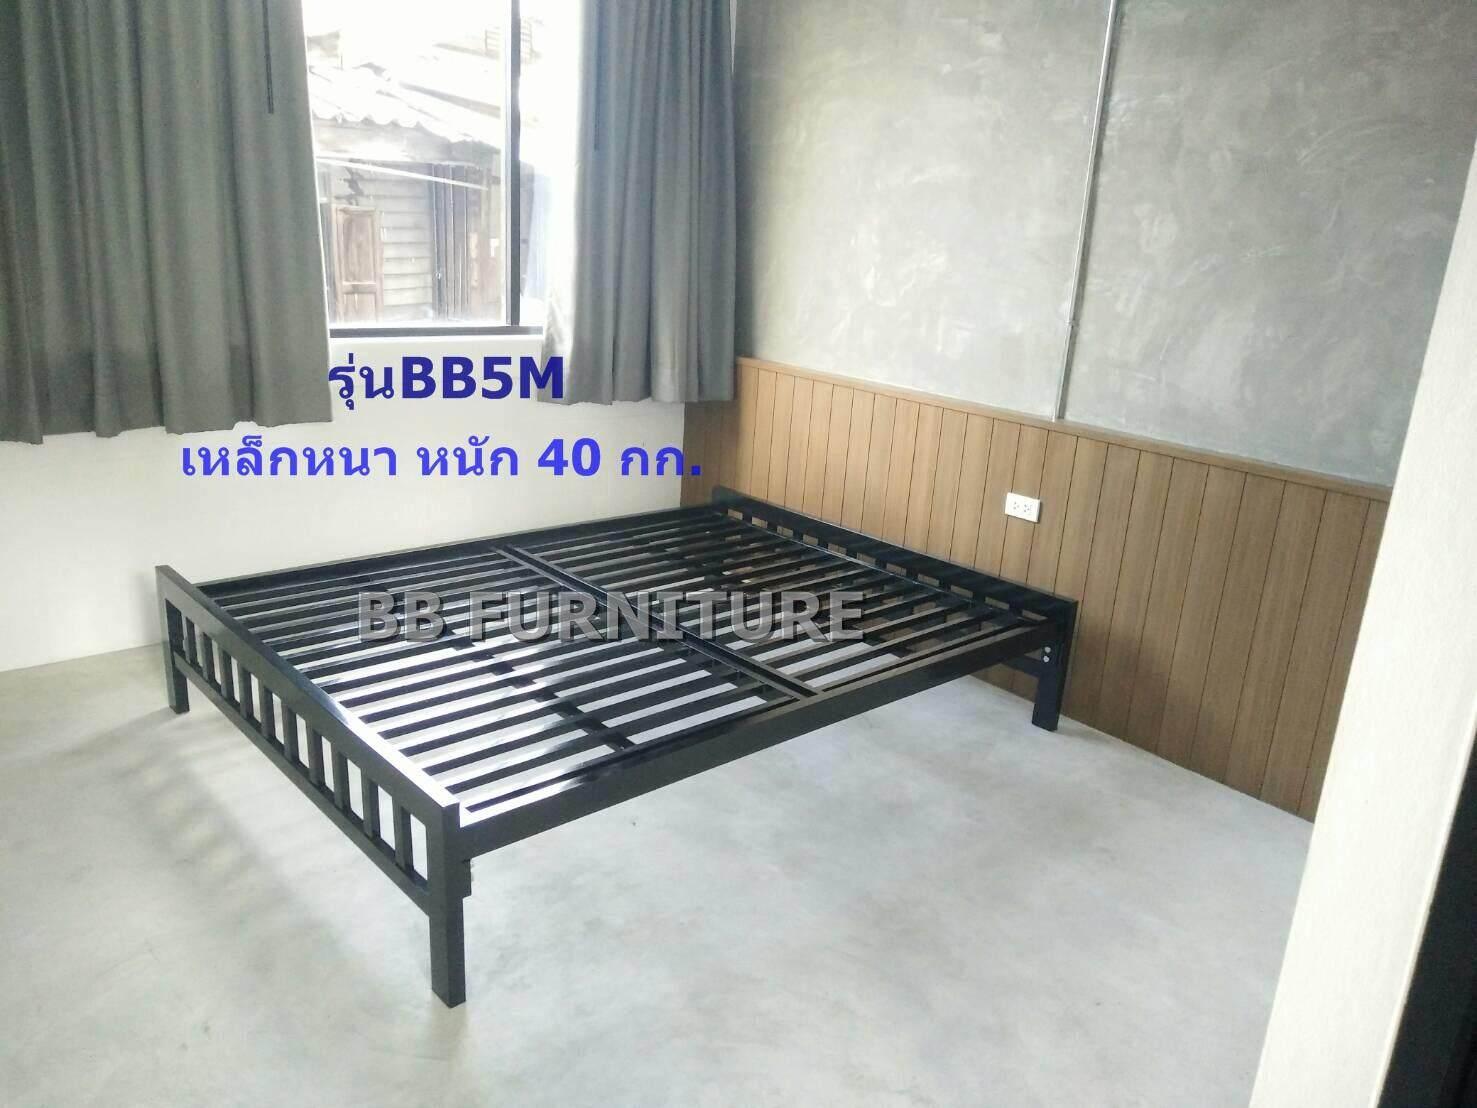 Bb5m เตียงเหล็กกล่อง ท้ายกับท้าย ขนาด 5 ฟุต พื้นระแนงขวาง.